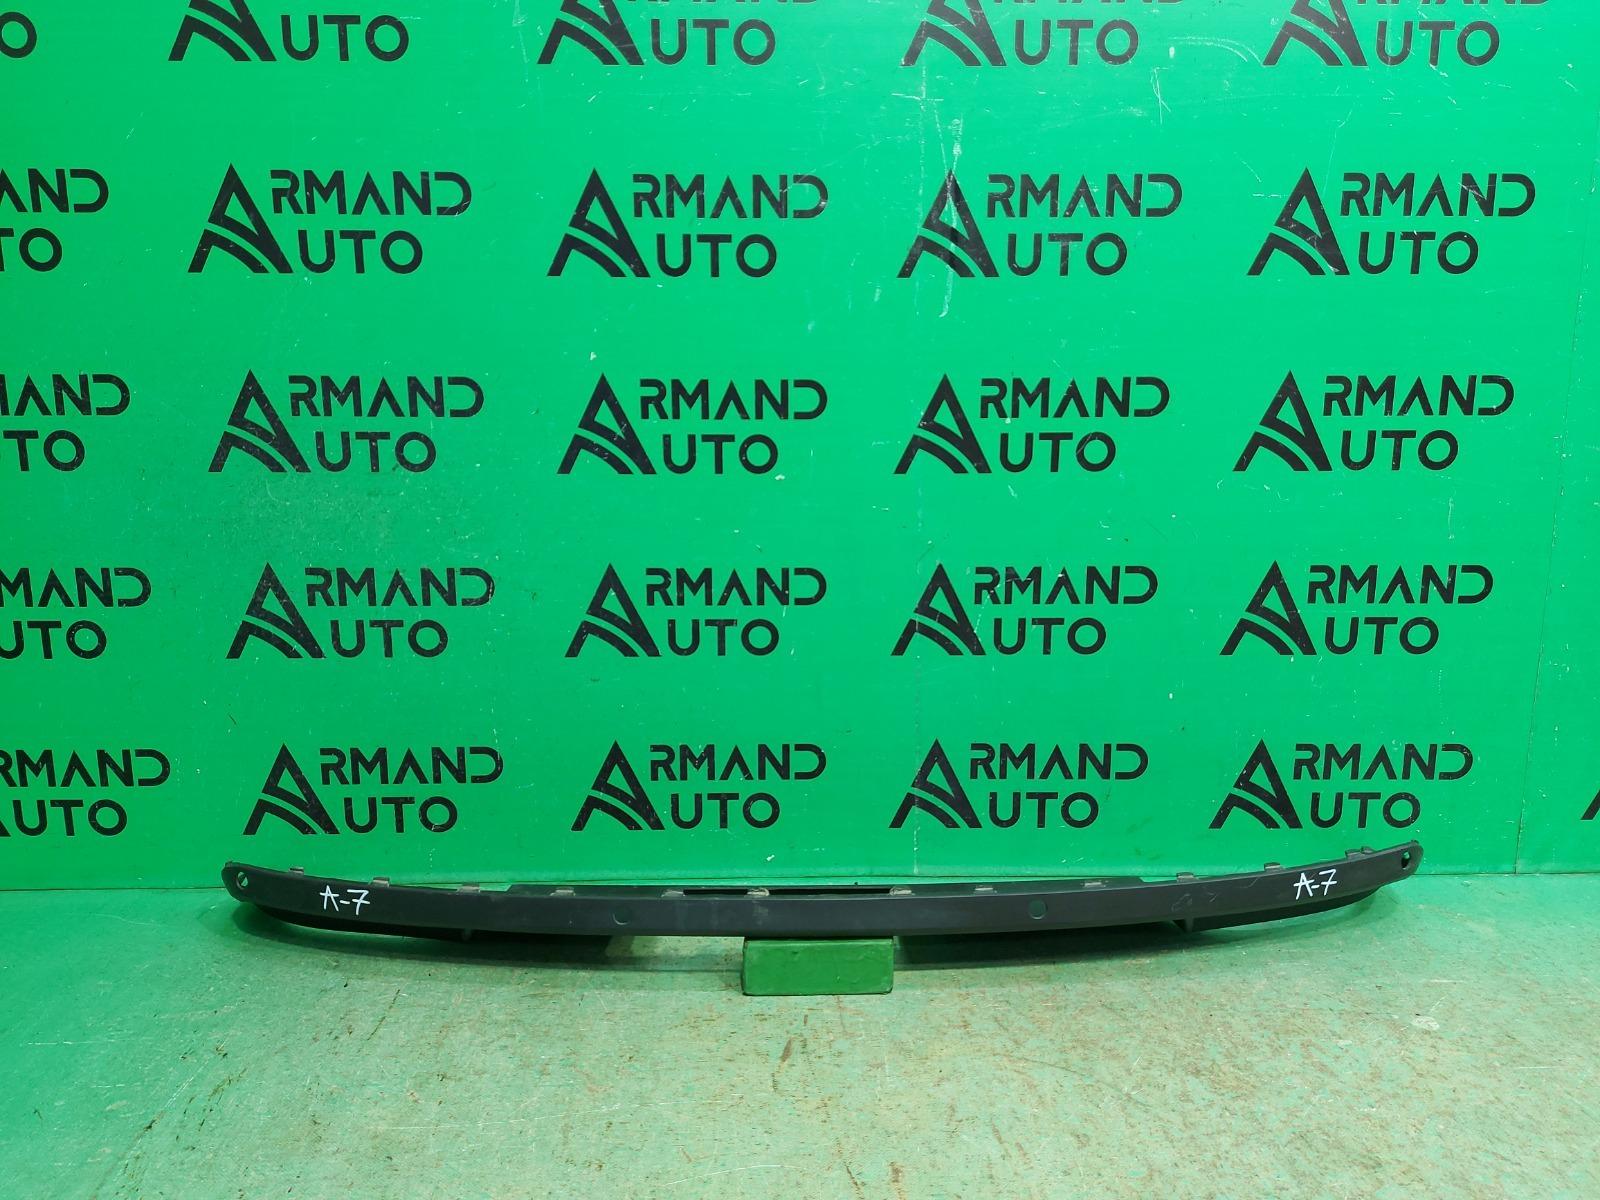 Юбка бампера Skoda Octavia A7 2013 задняя (б/у)